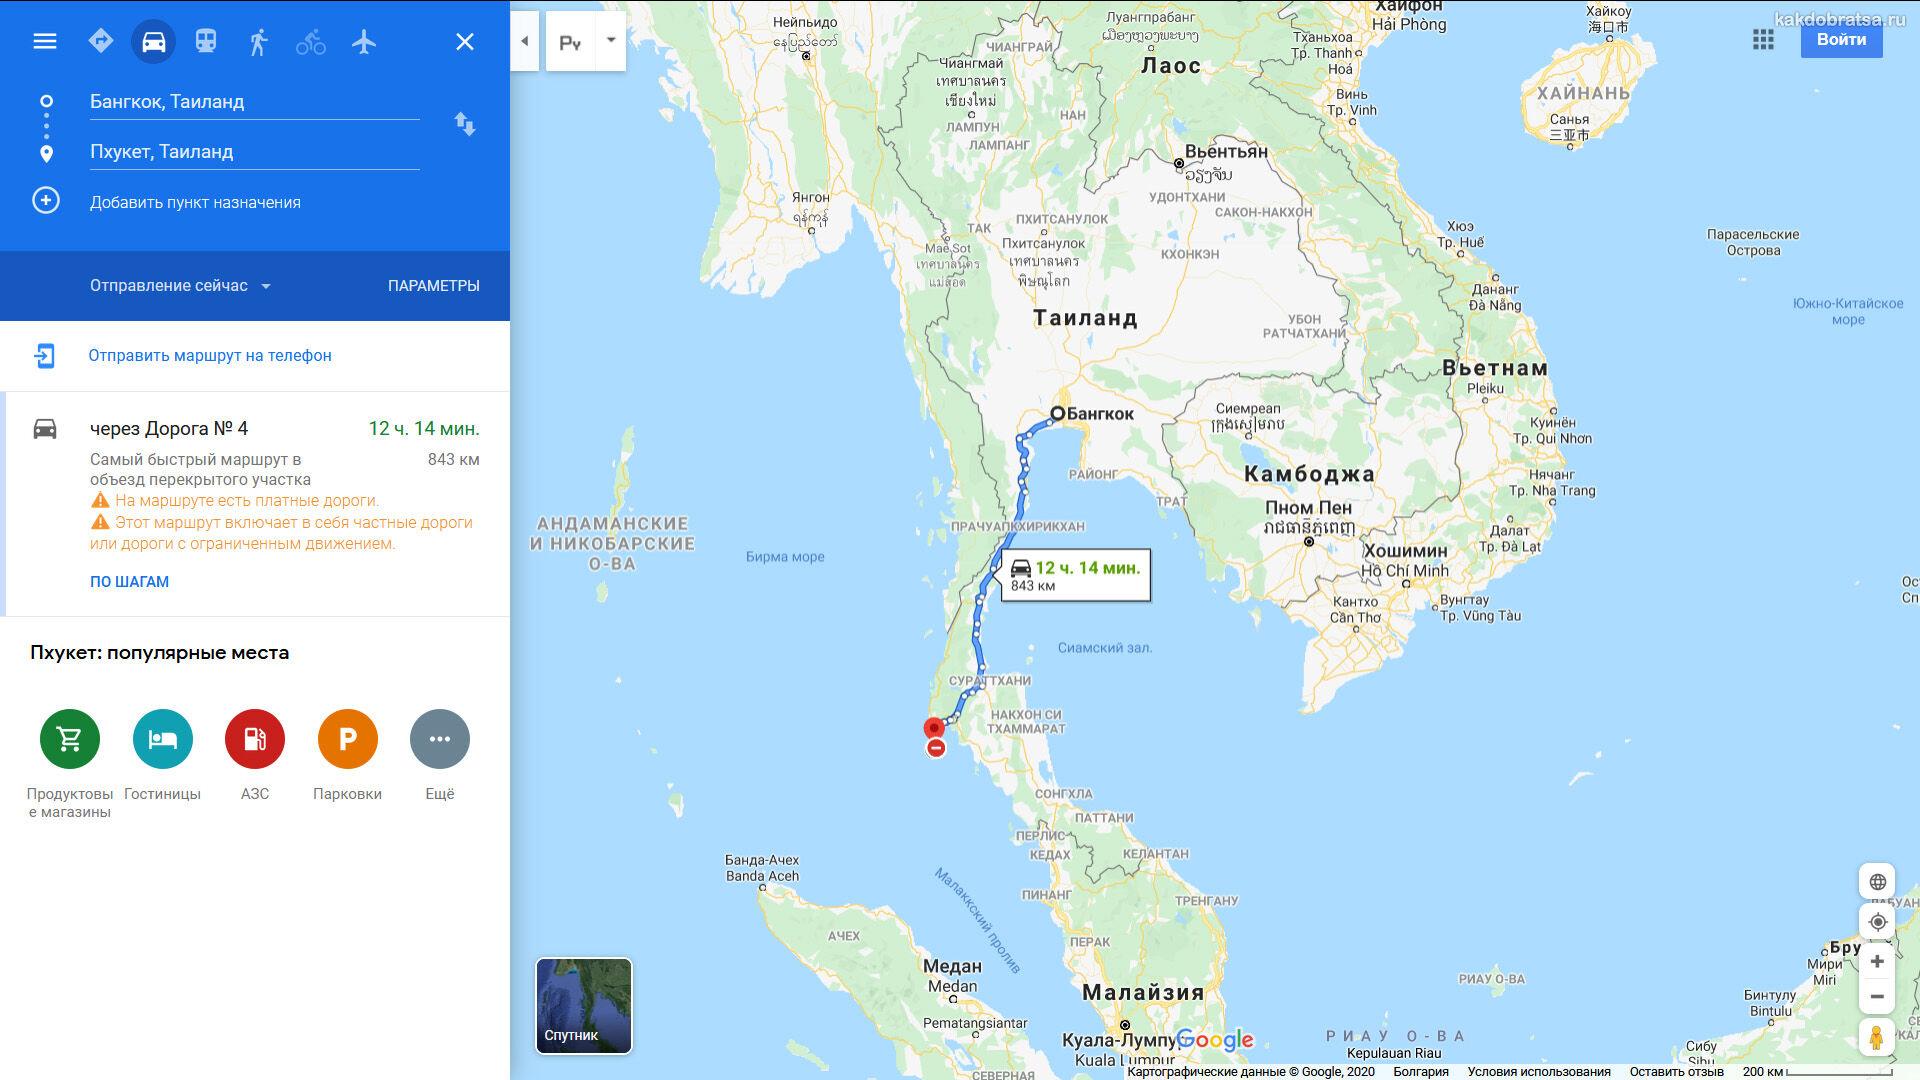 Бангкок Пхукет расстояние, время в пути и карта